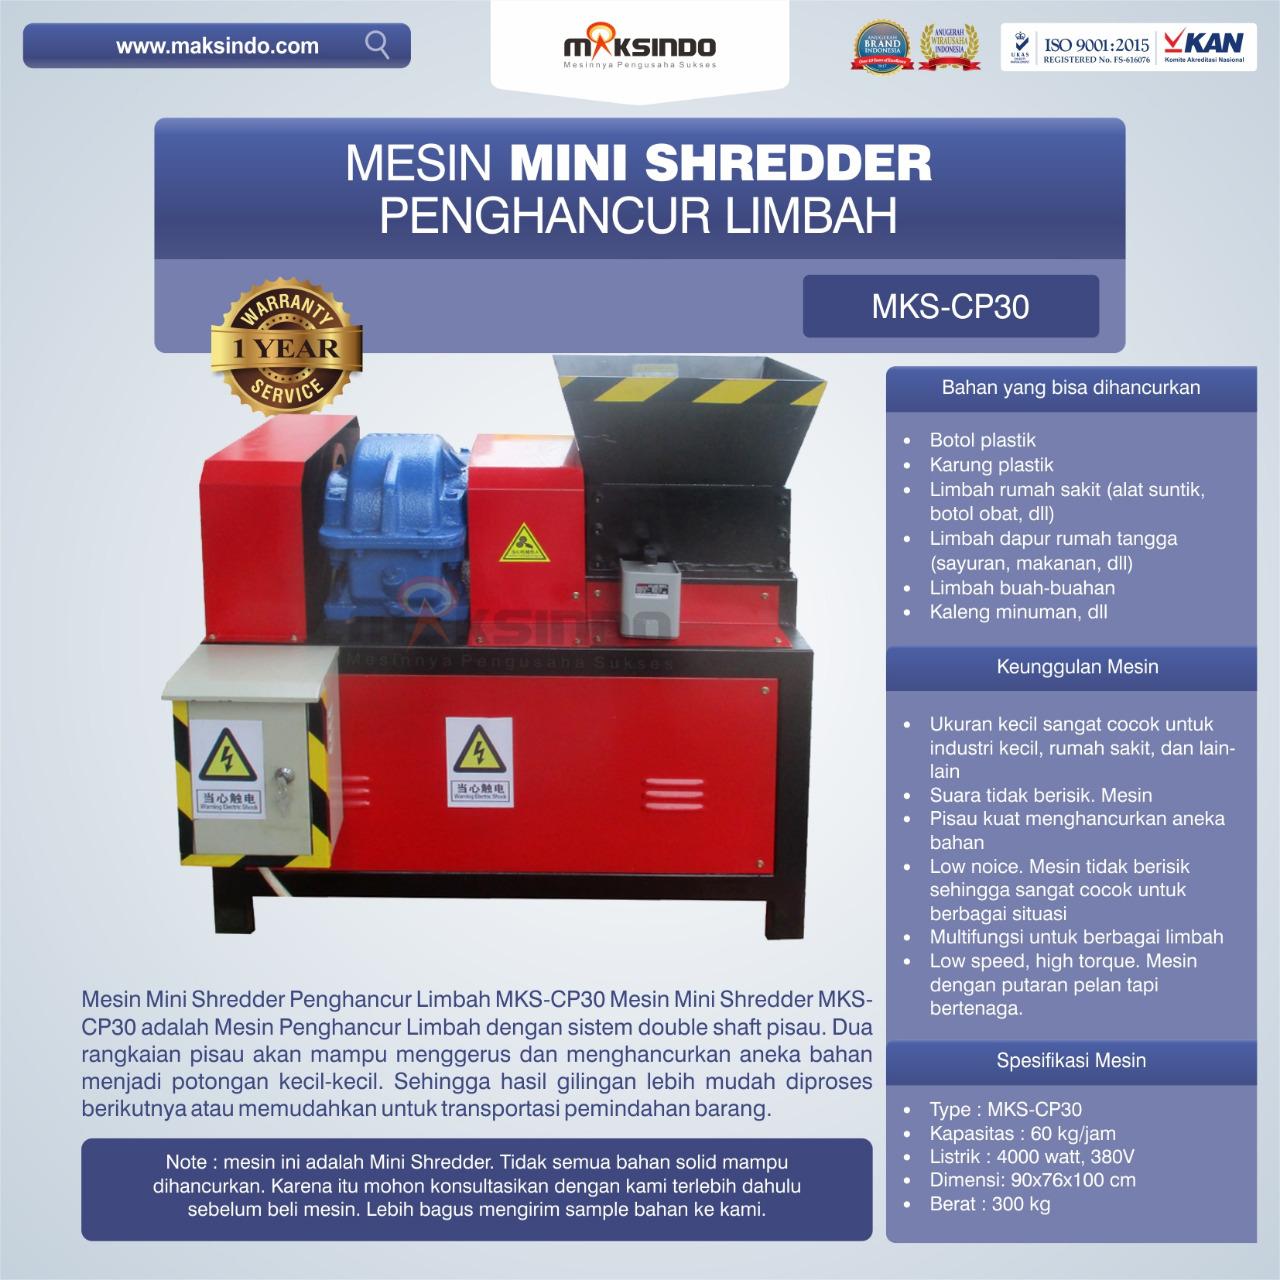 Jual Mesin Mini Shredder Penghancur Limbah MKS-CP30 di Semarang